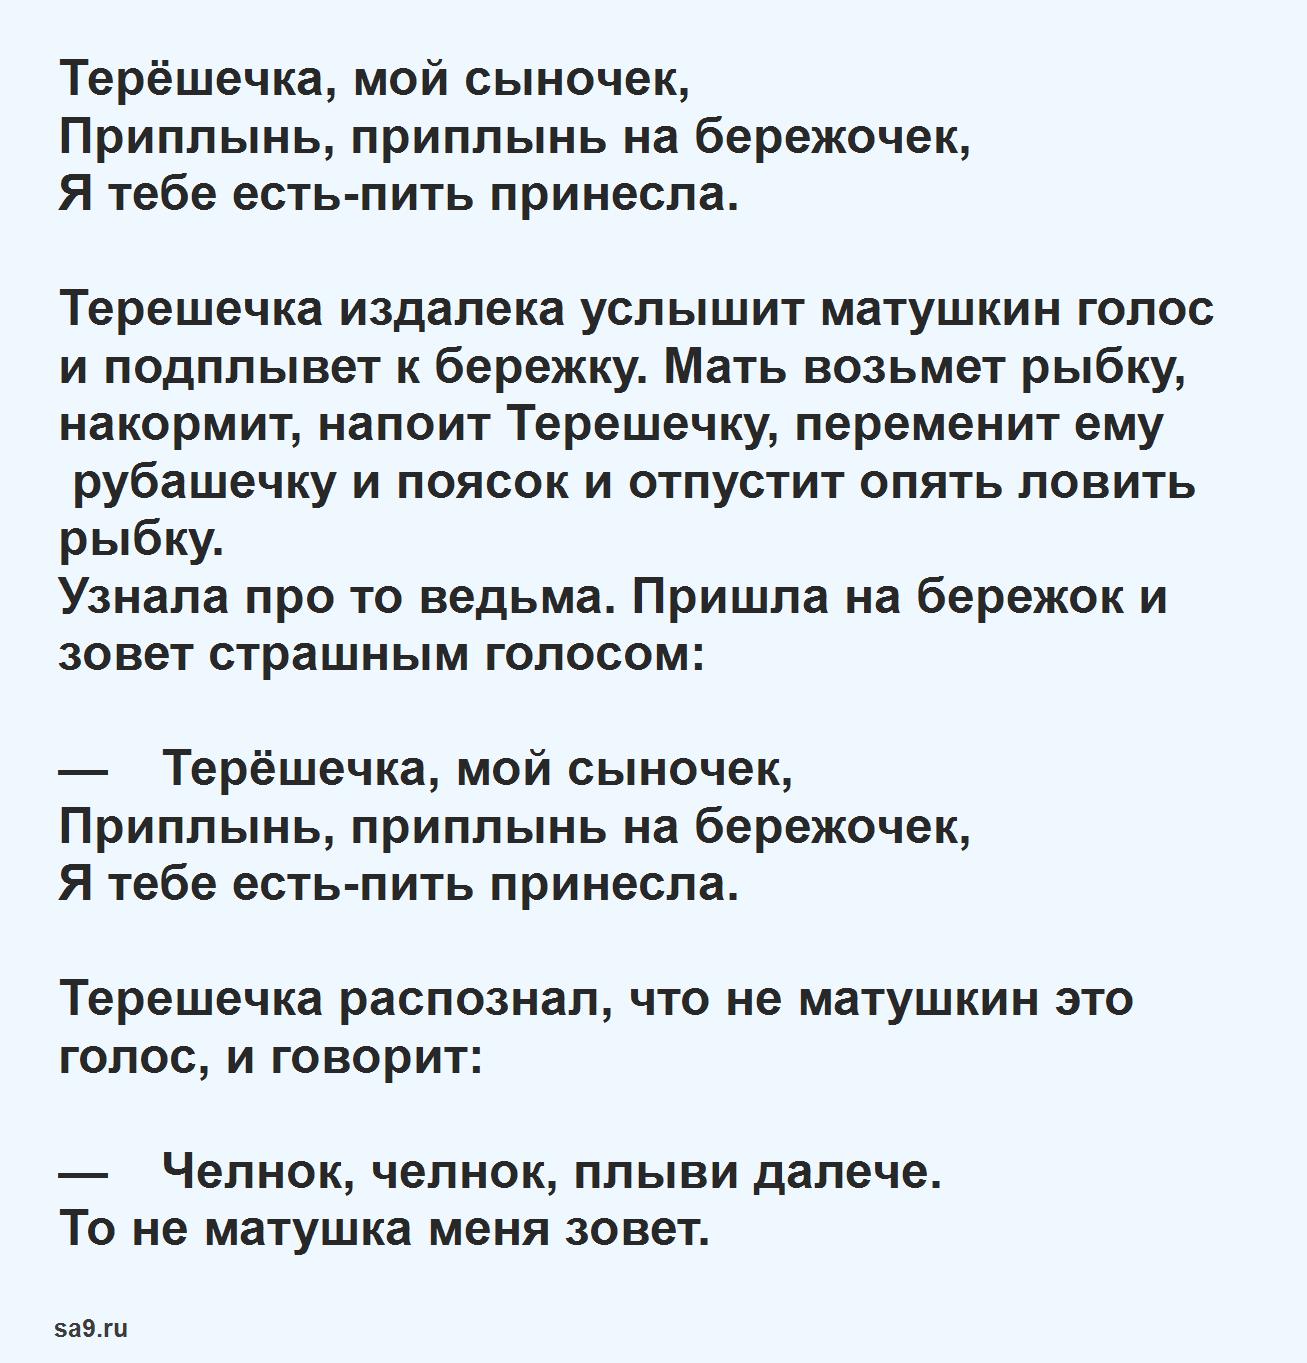 Русская народная сказка - Терешечка, читать онлайн бесплатно